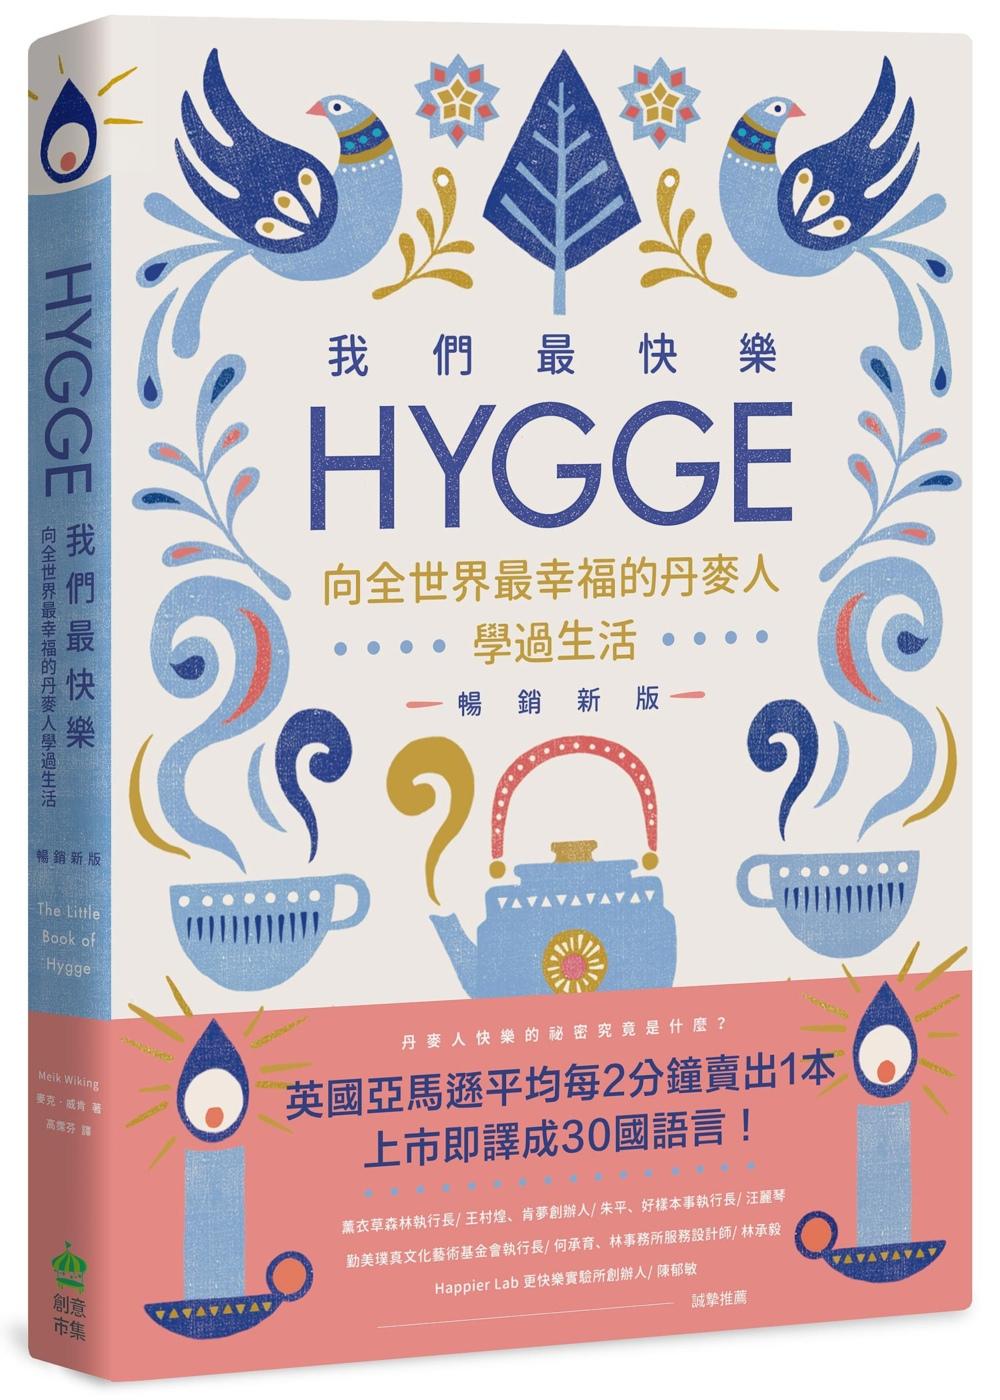 我們最快樂:Hygge,向全世...